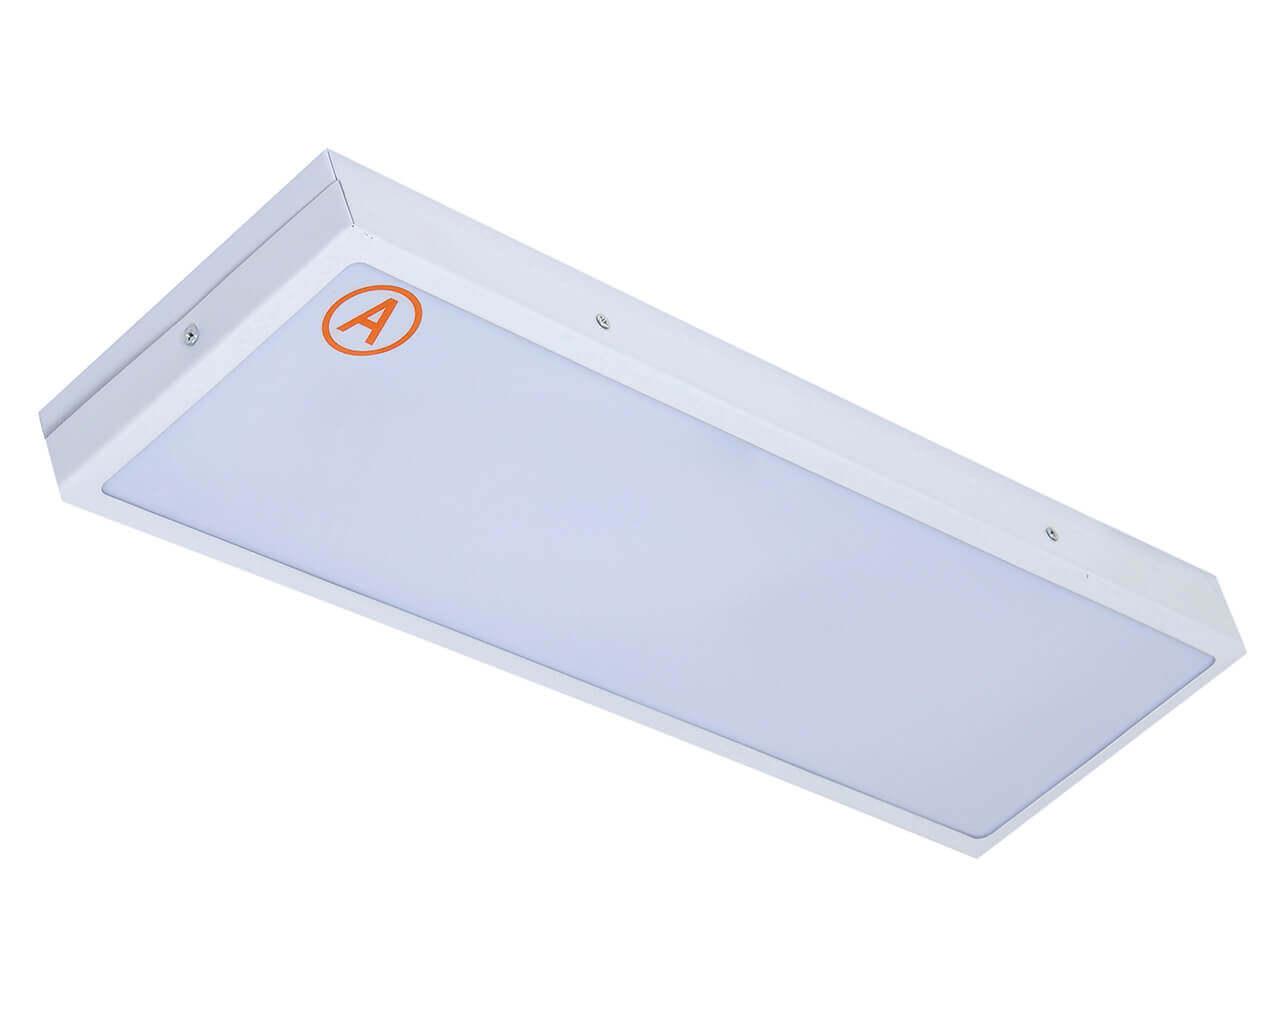 Накладной светильник LC-SIP-20-OP 595x180 IP65 Теплый белый Опал с Бап 3 часа